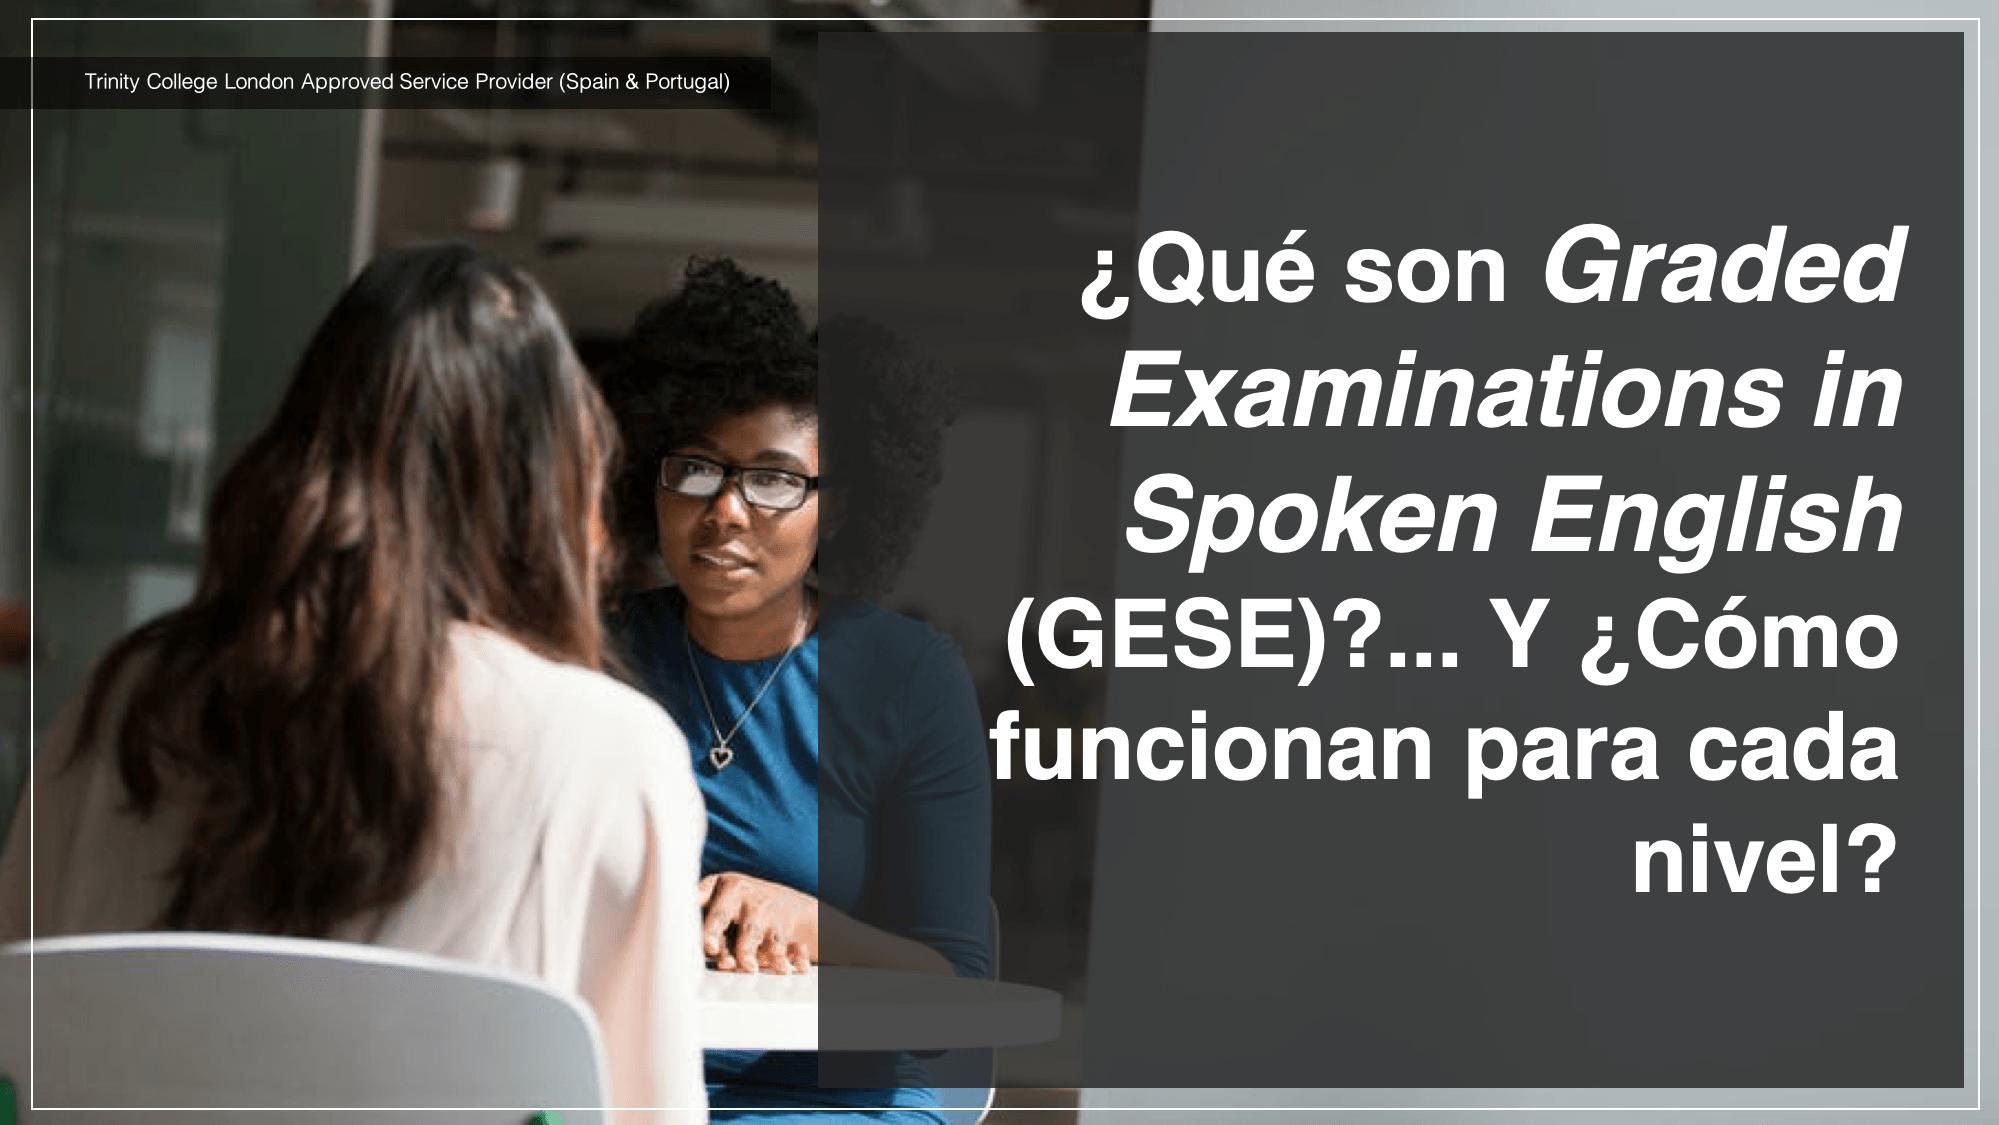 ¿Qué son Graded Examinations in Spoken English (GESE)?... Y ¿Cómo funcionan para cada nivel?